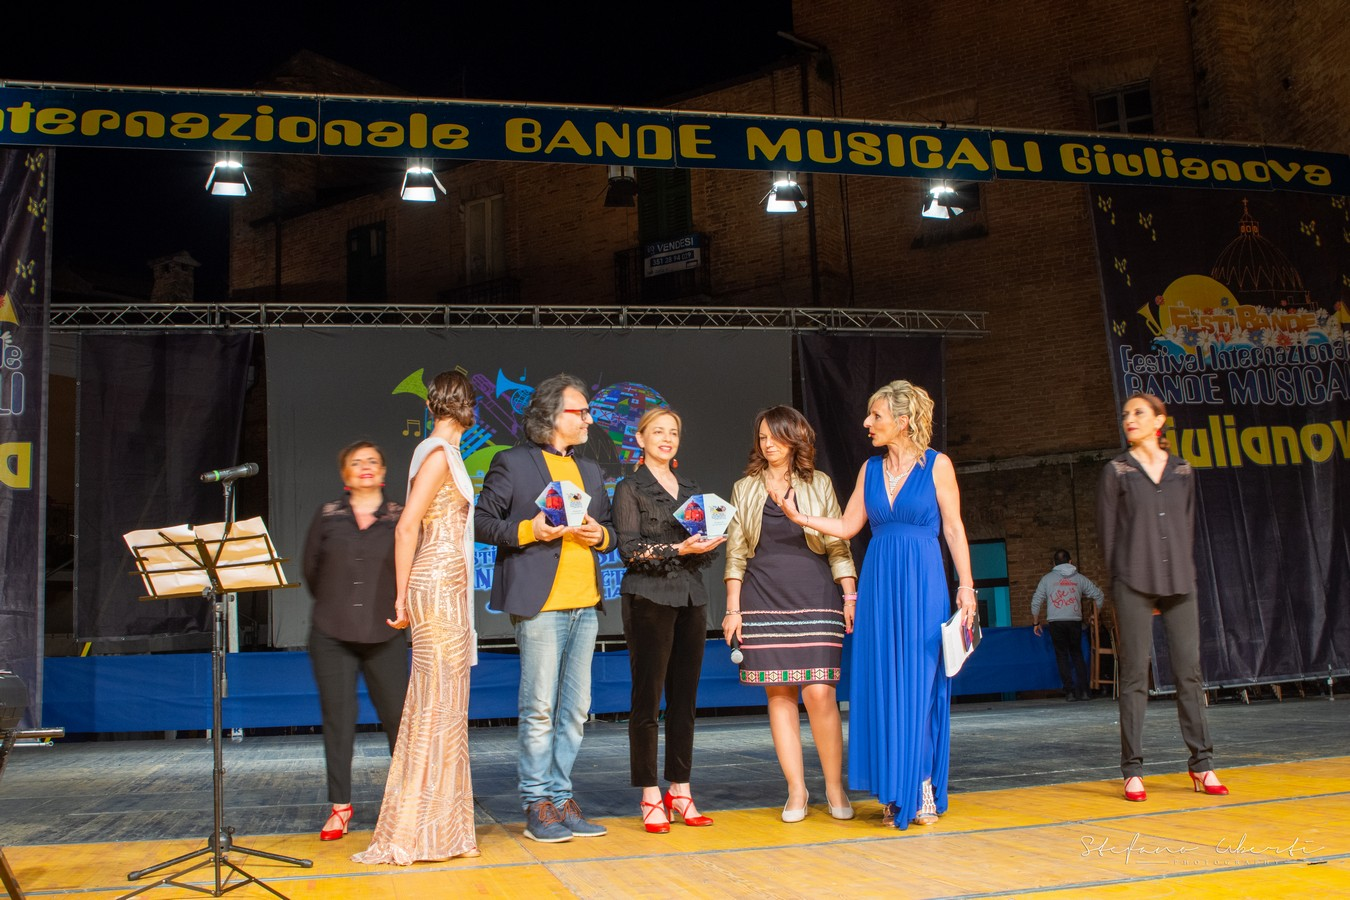 festival-bande-giulianova42